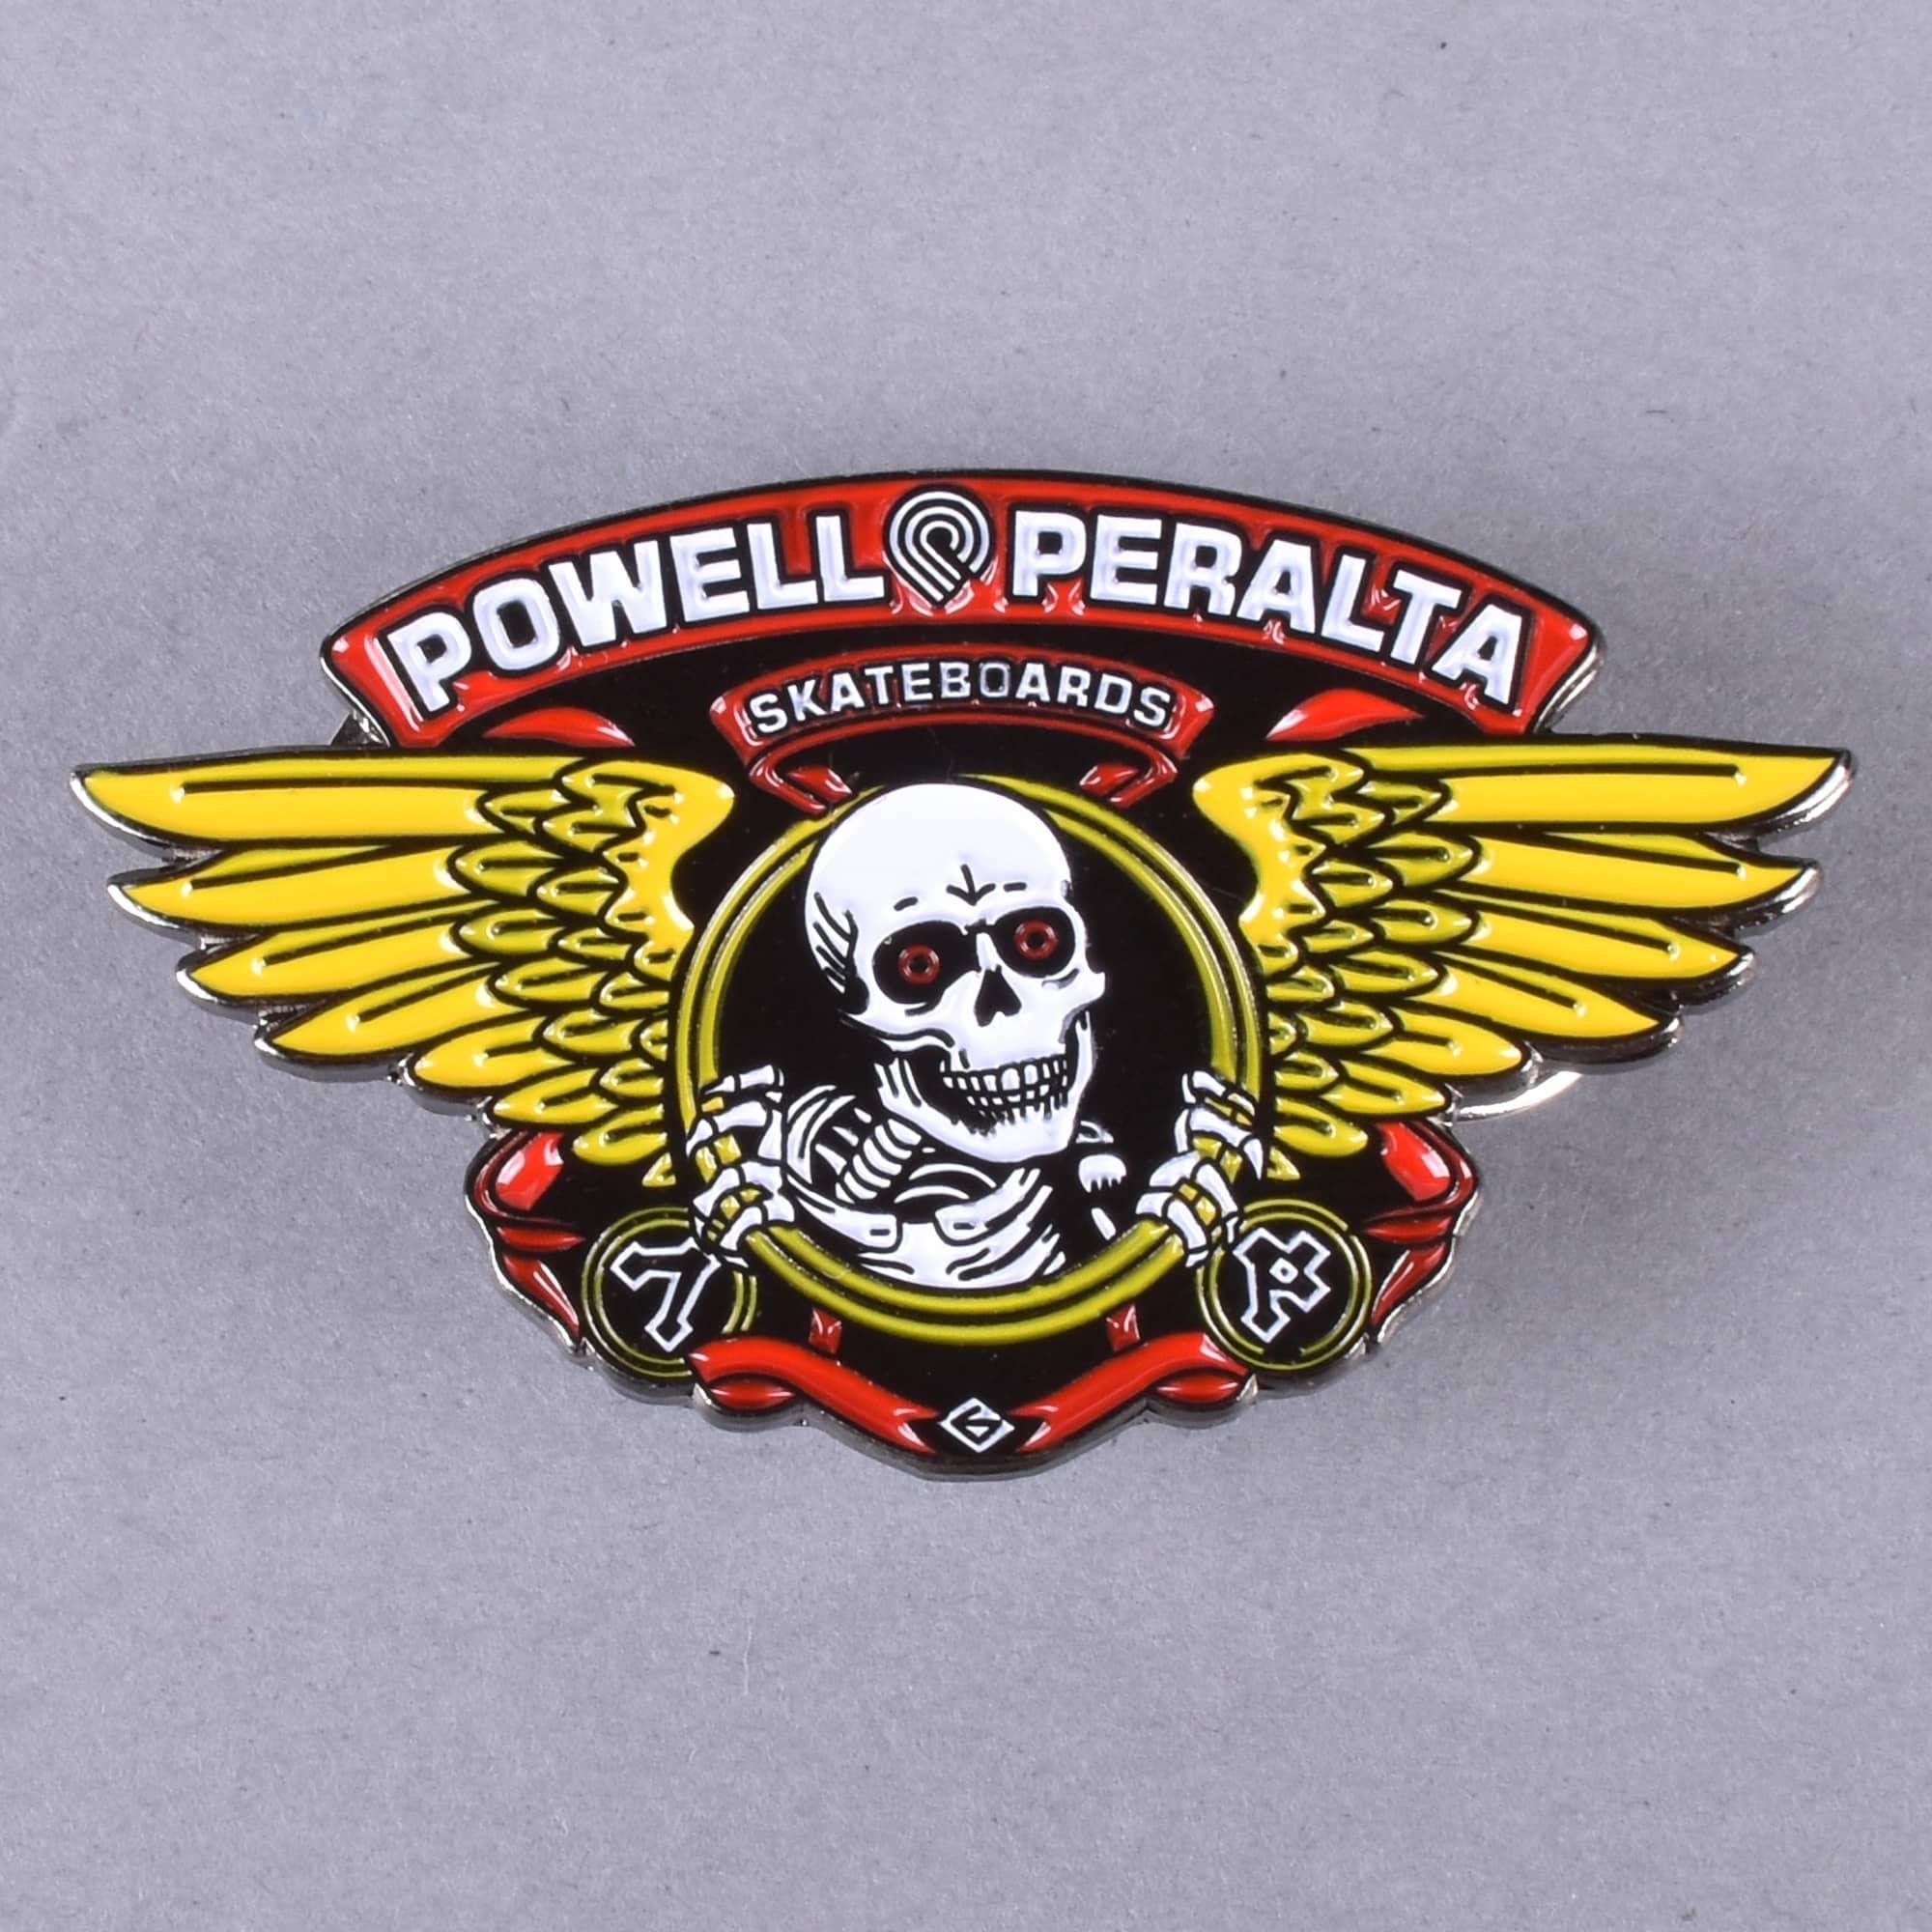 Powell Peralta CROSS BONES Skateboard LAPEL PIN